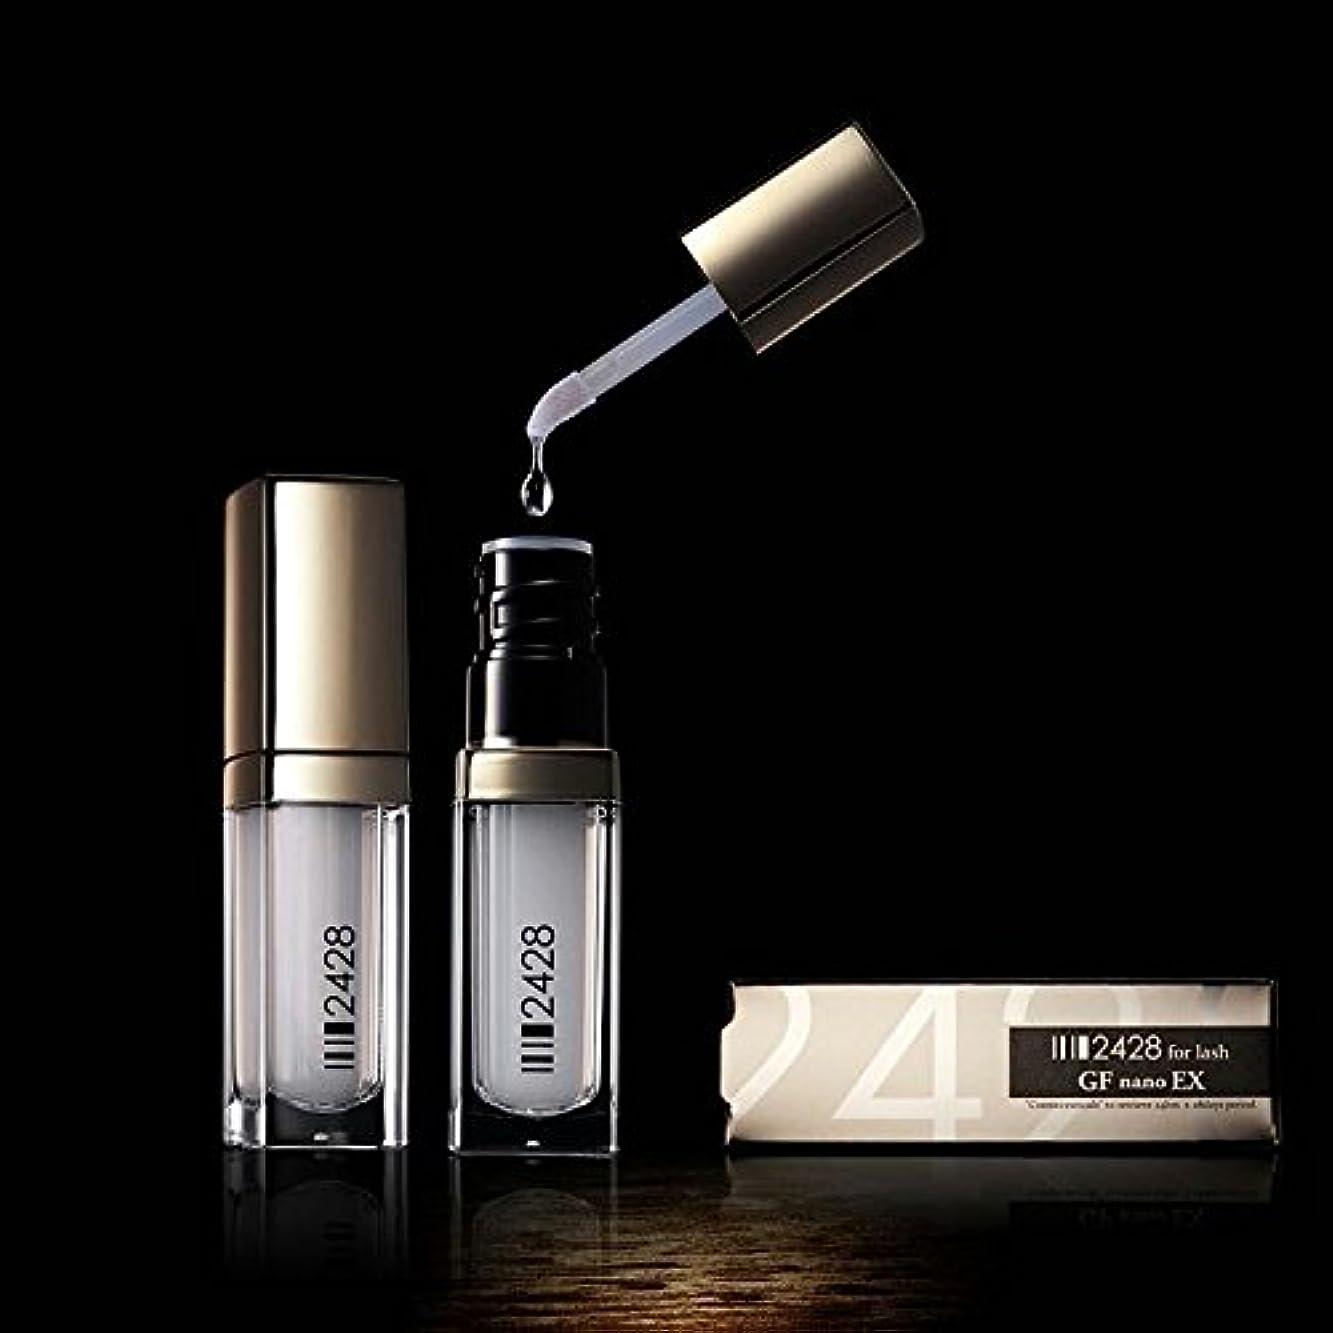 アイデアドラフトルール美容液2428 for lash GF nano EX まつげ美容液